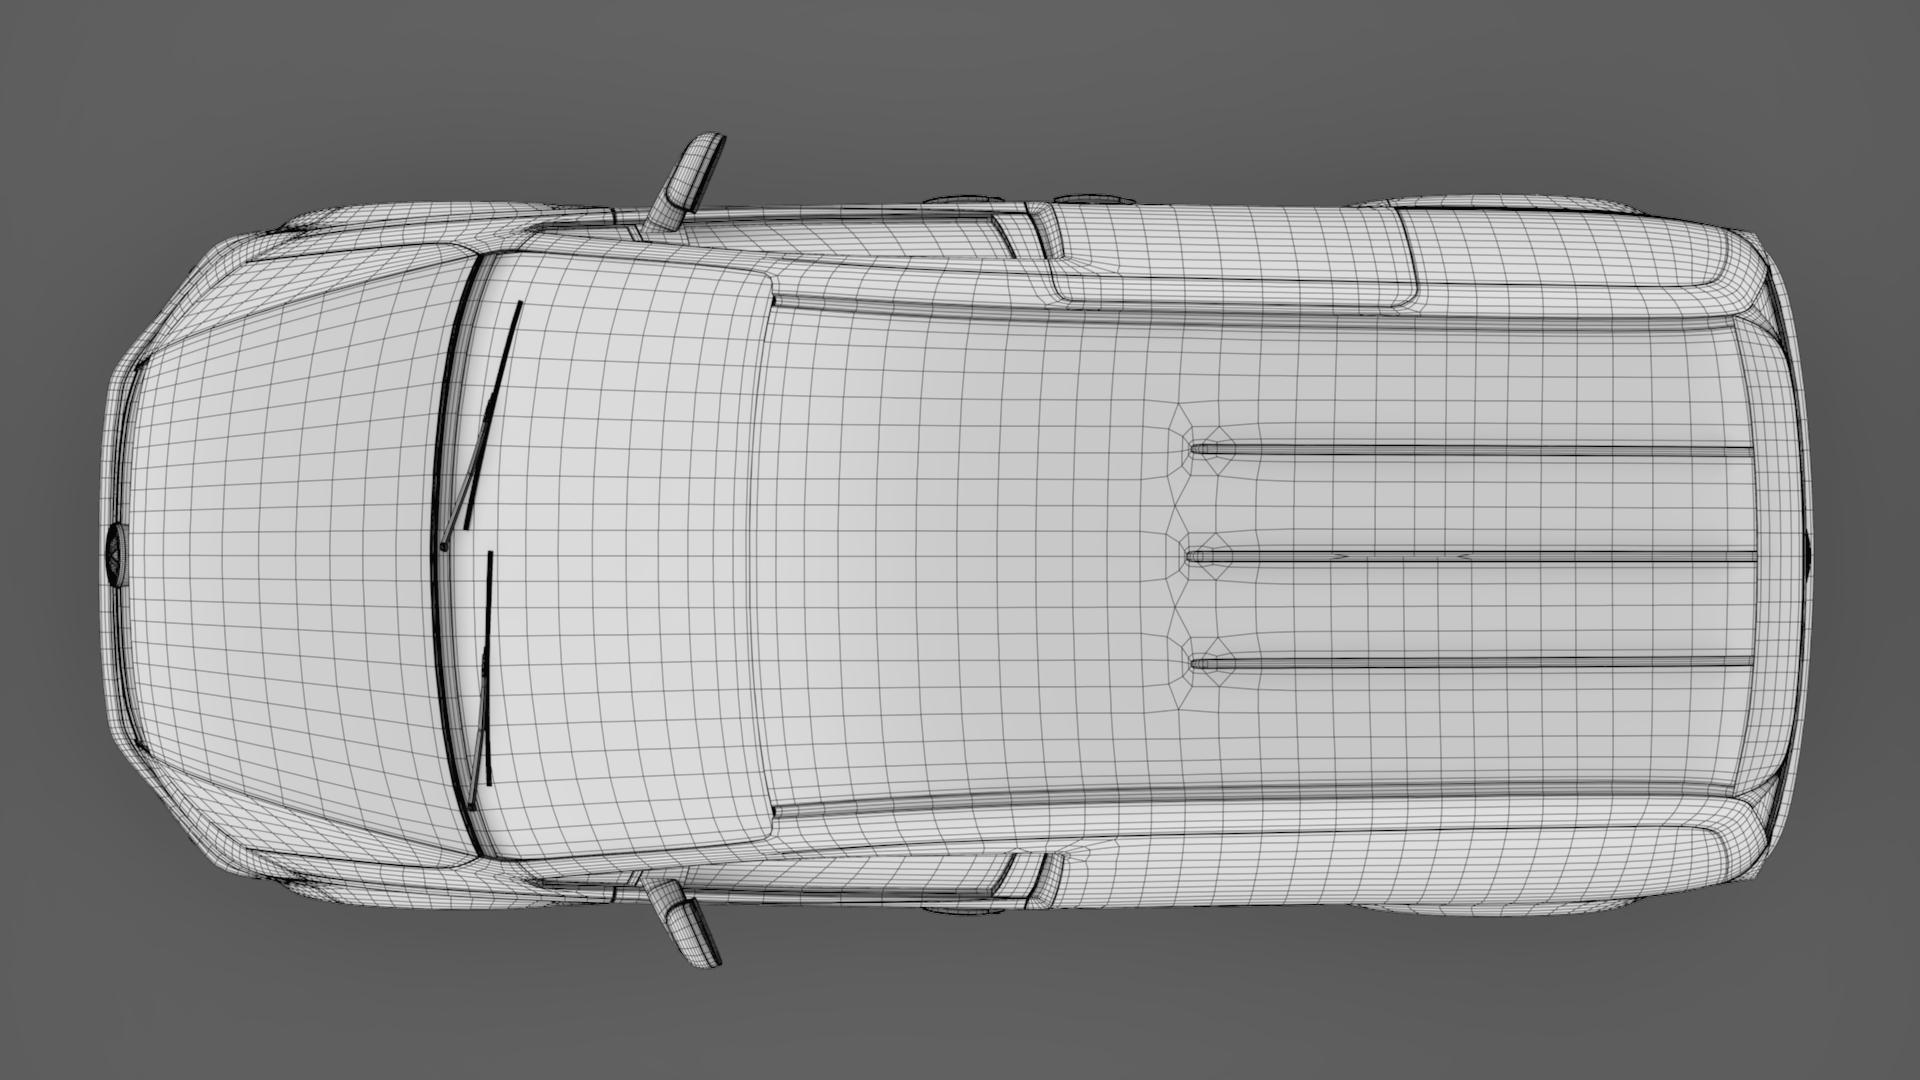 volkswagen caddy panel van l1 2017 3d model max fbx c4d lwo ma mb hrc xsi obj 274417